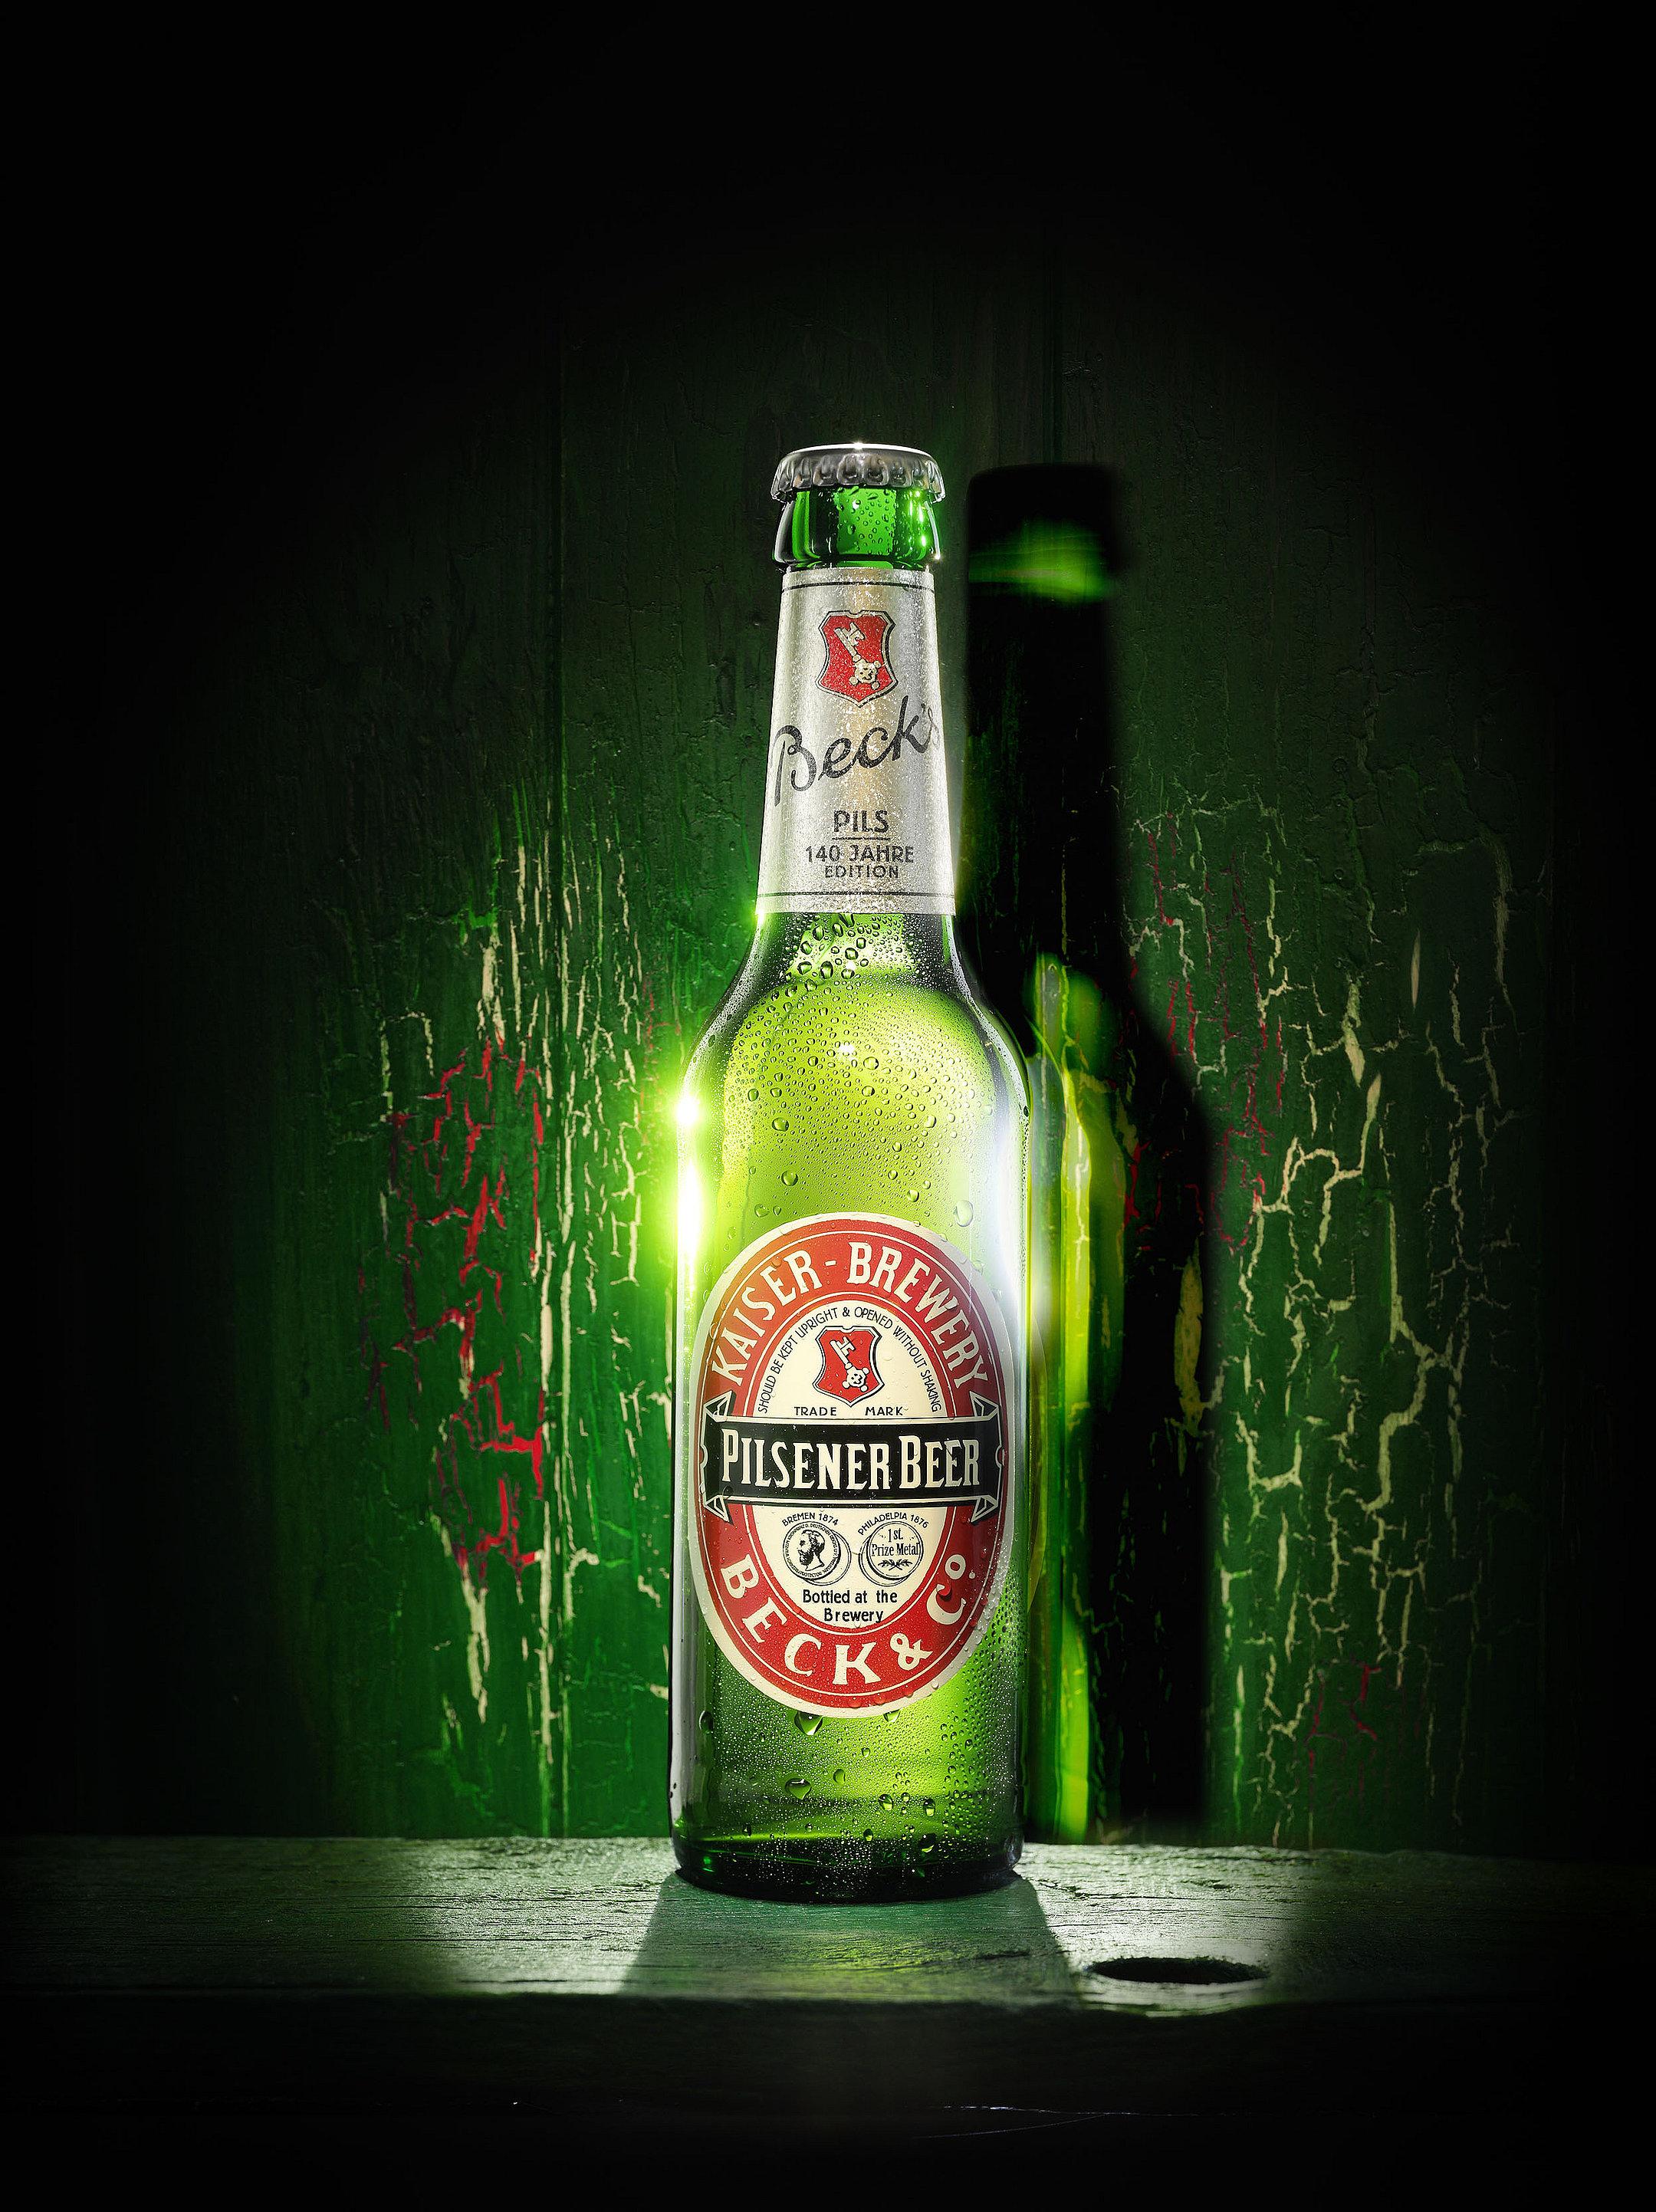 leuchtende Becksbierflasche vor grünem Holz Hintergrund